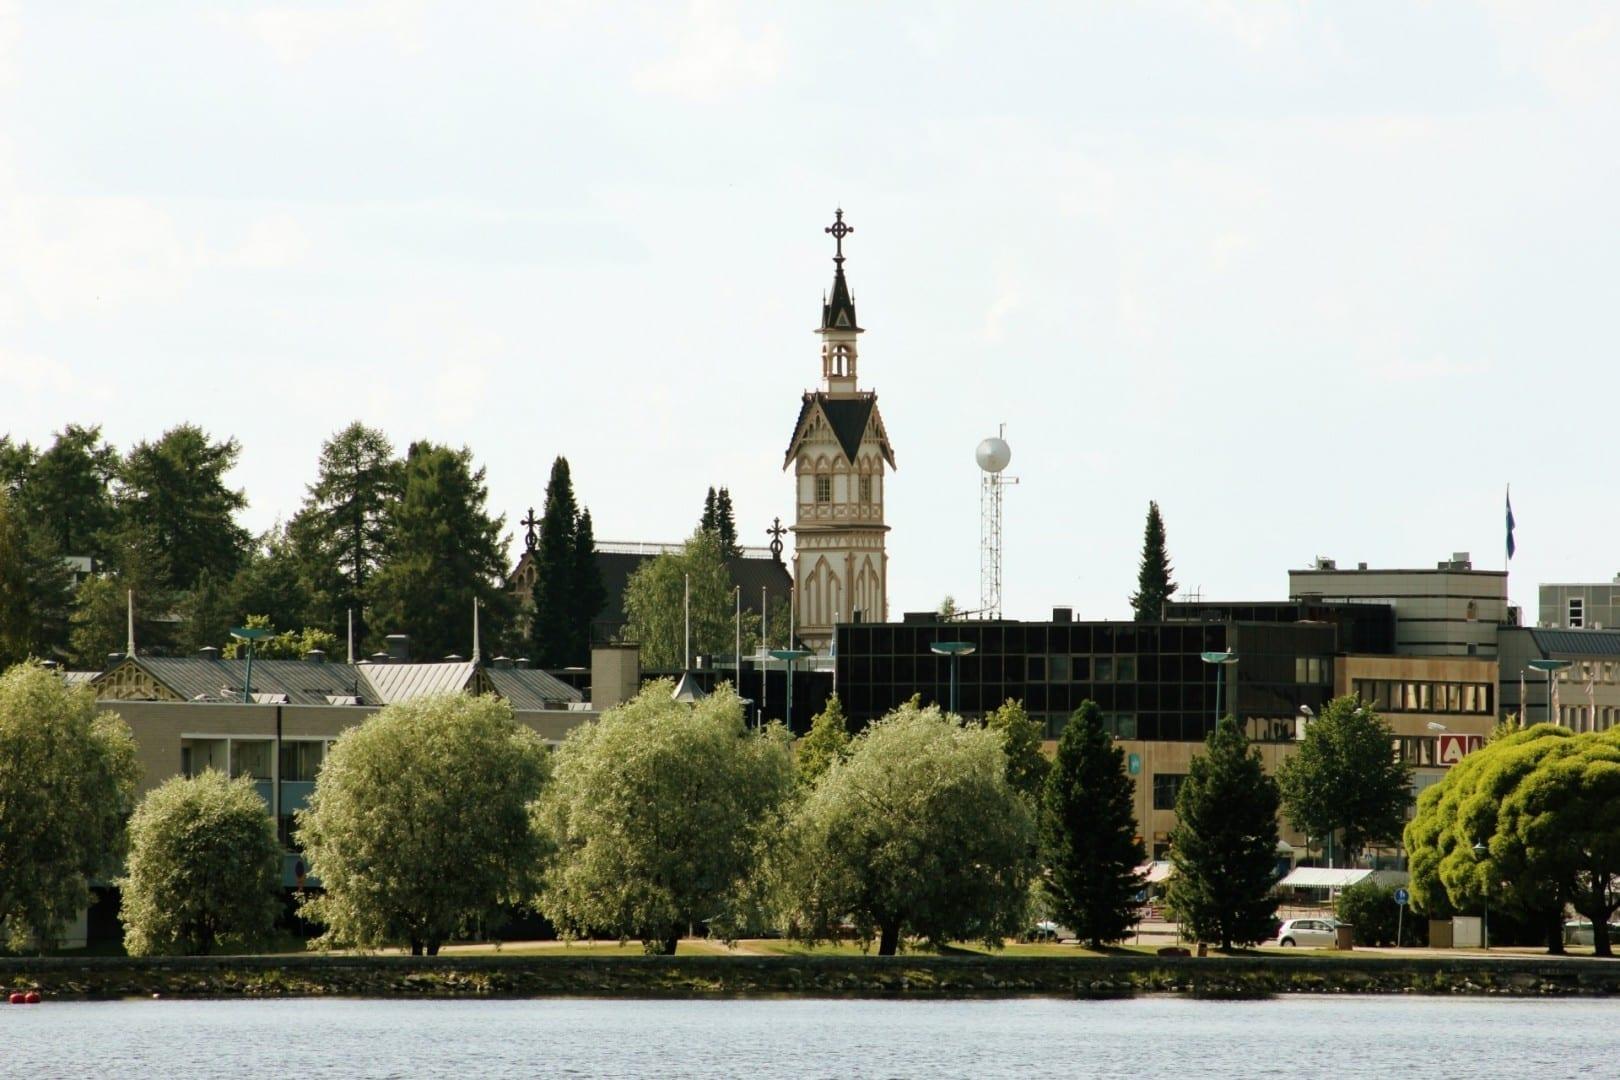 Una vista del centro de Kajaani. Kajaani Finlandia